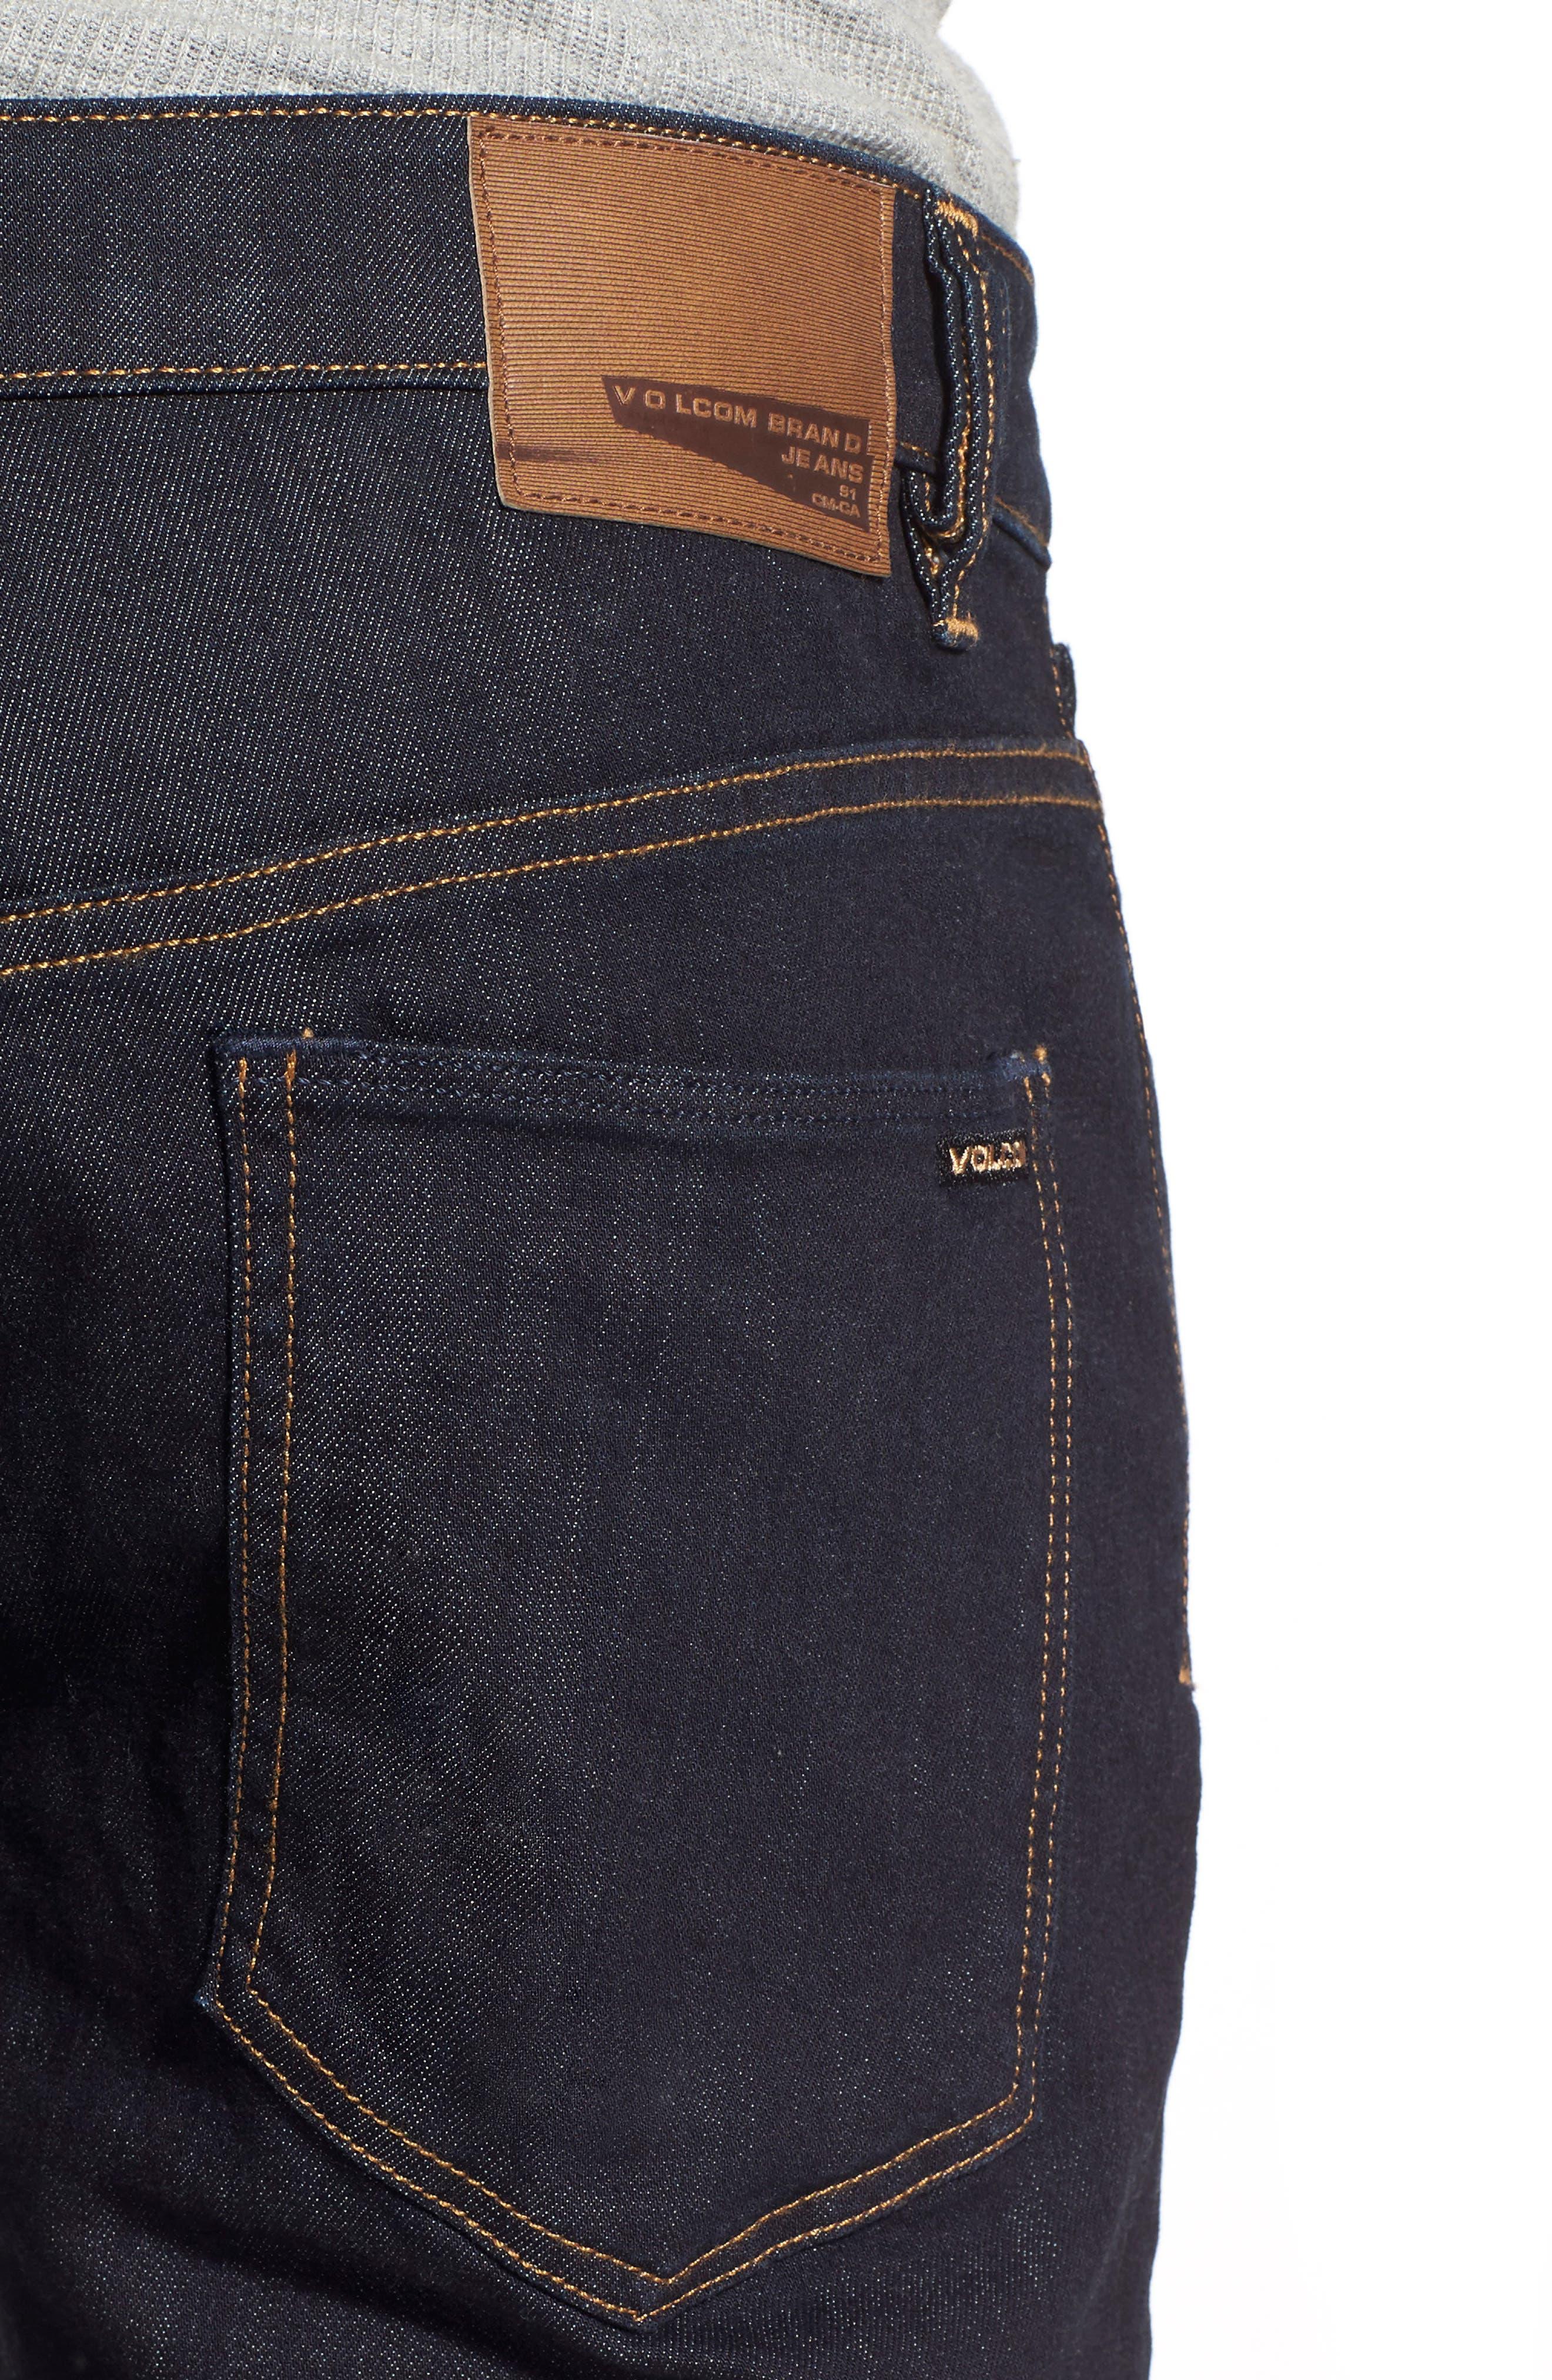 Solver Denim Pants,                             Alternate thumbnail 22, color,